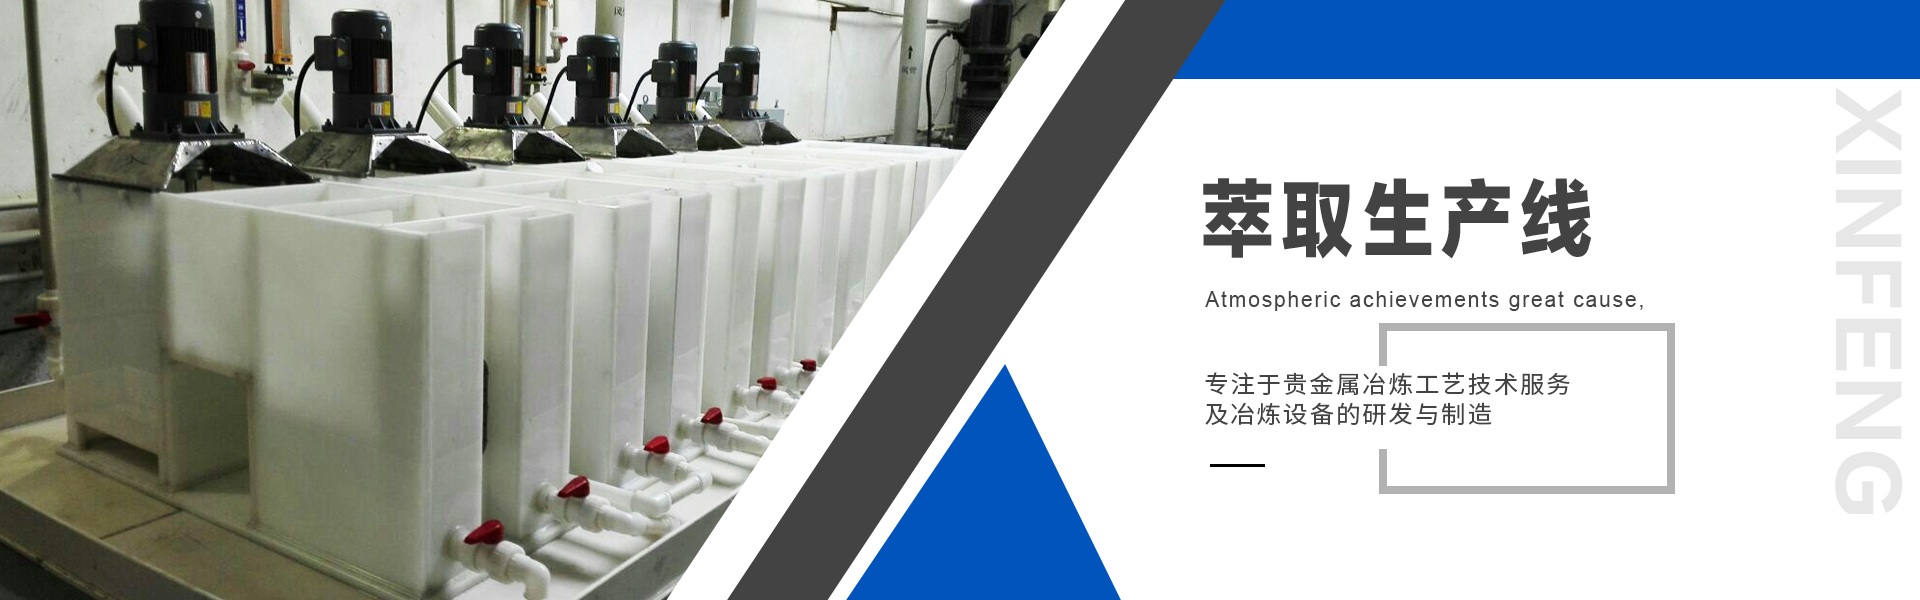 肇庆市鑫丰科技有限公司争当行业领头人!